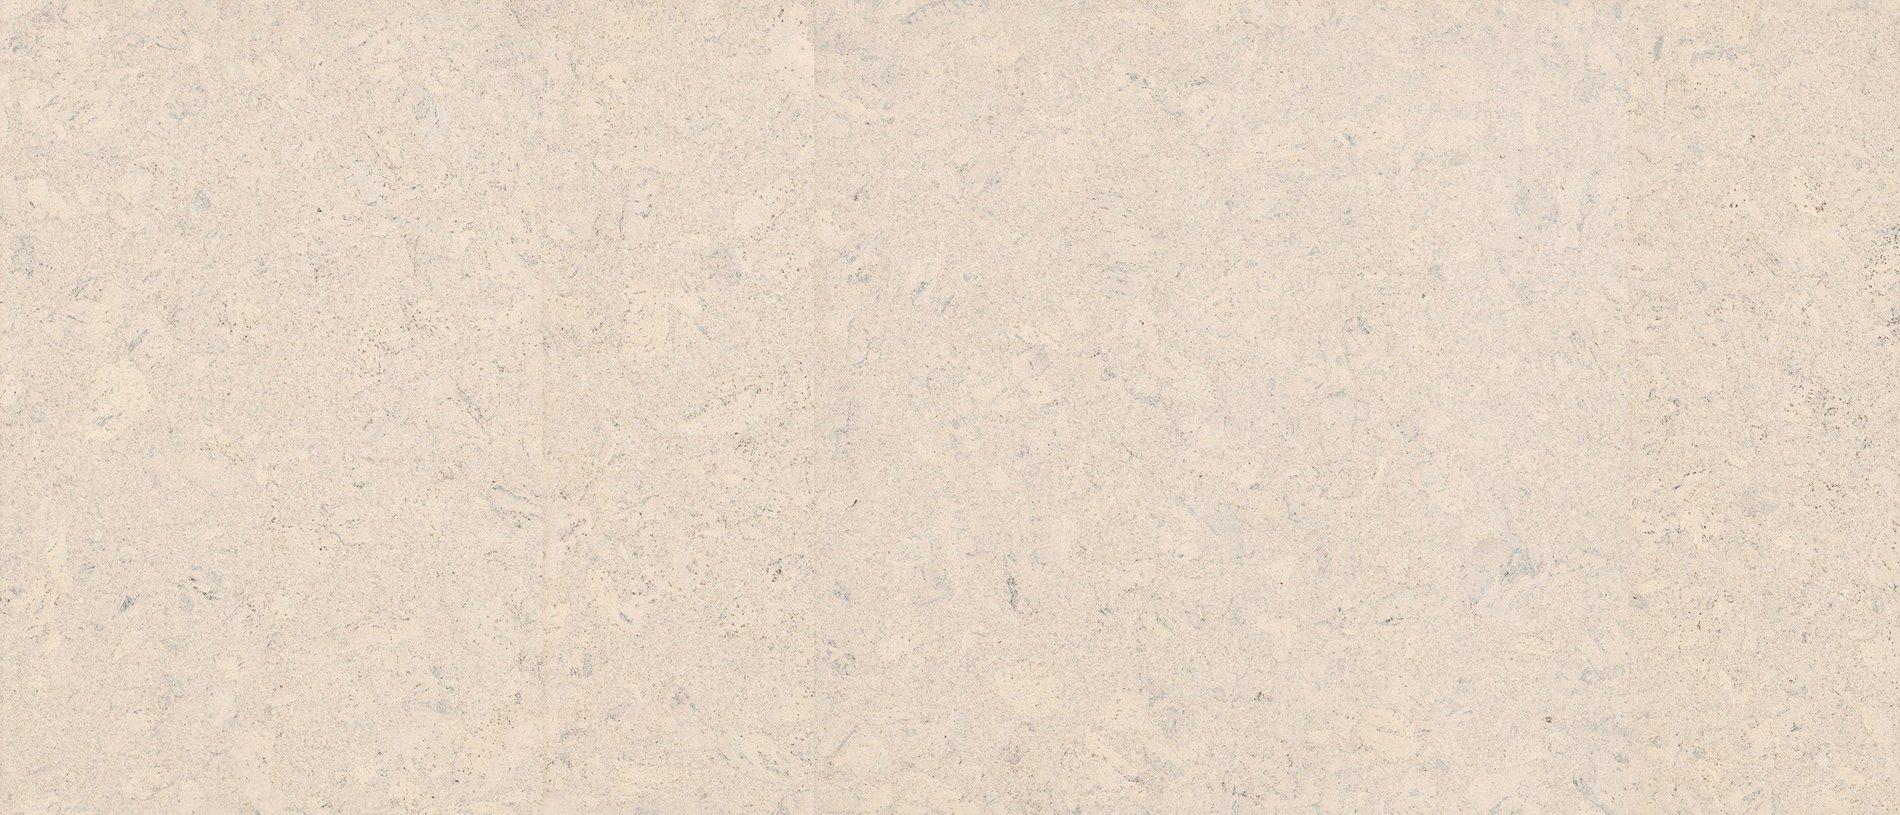 Пробковое покрытие Haro Lagos white